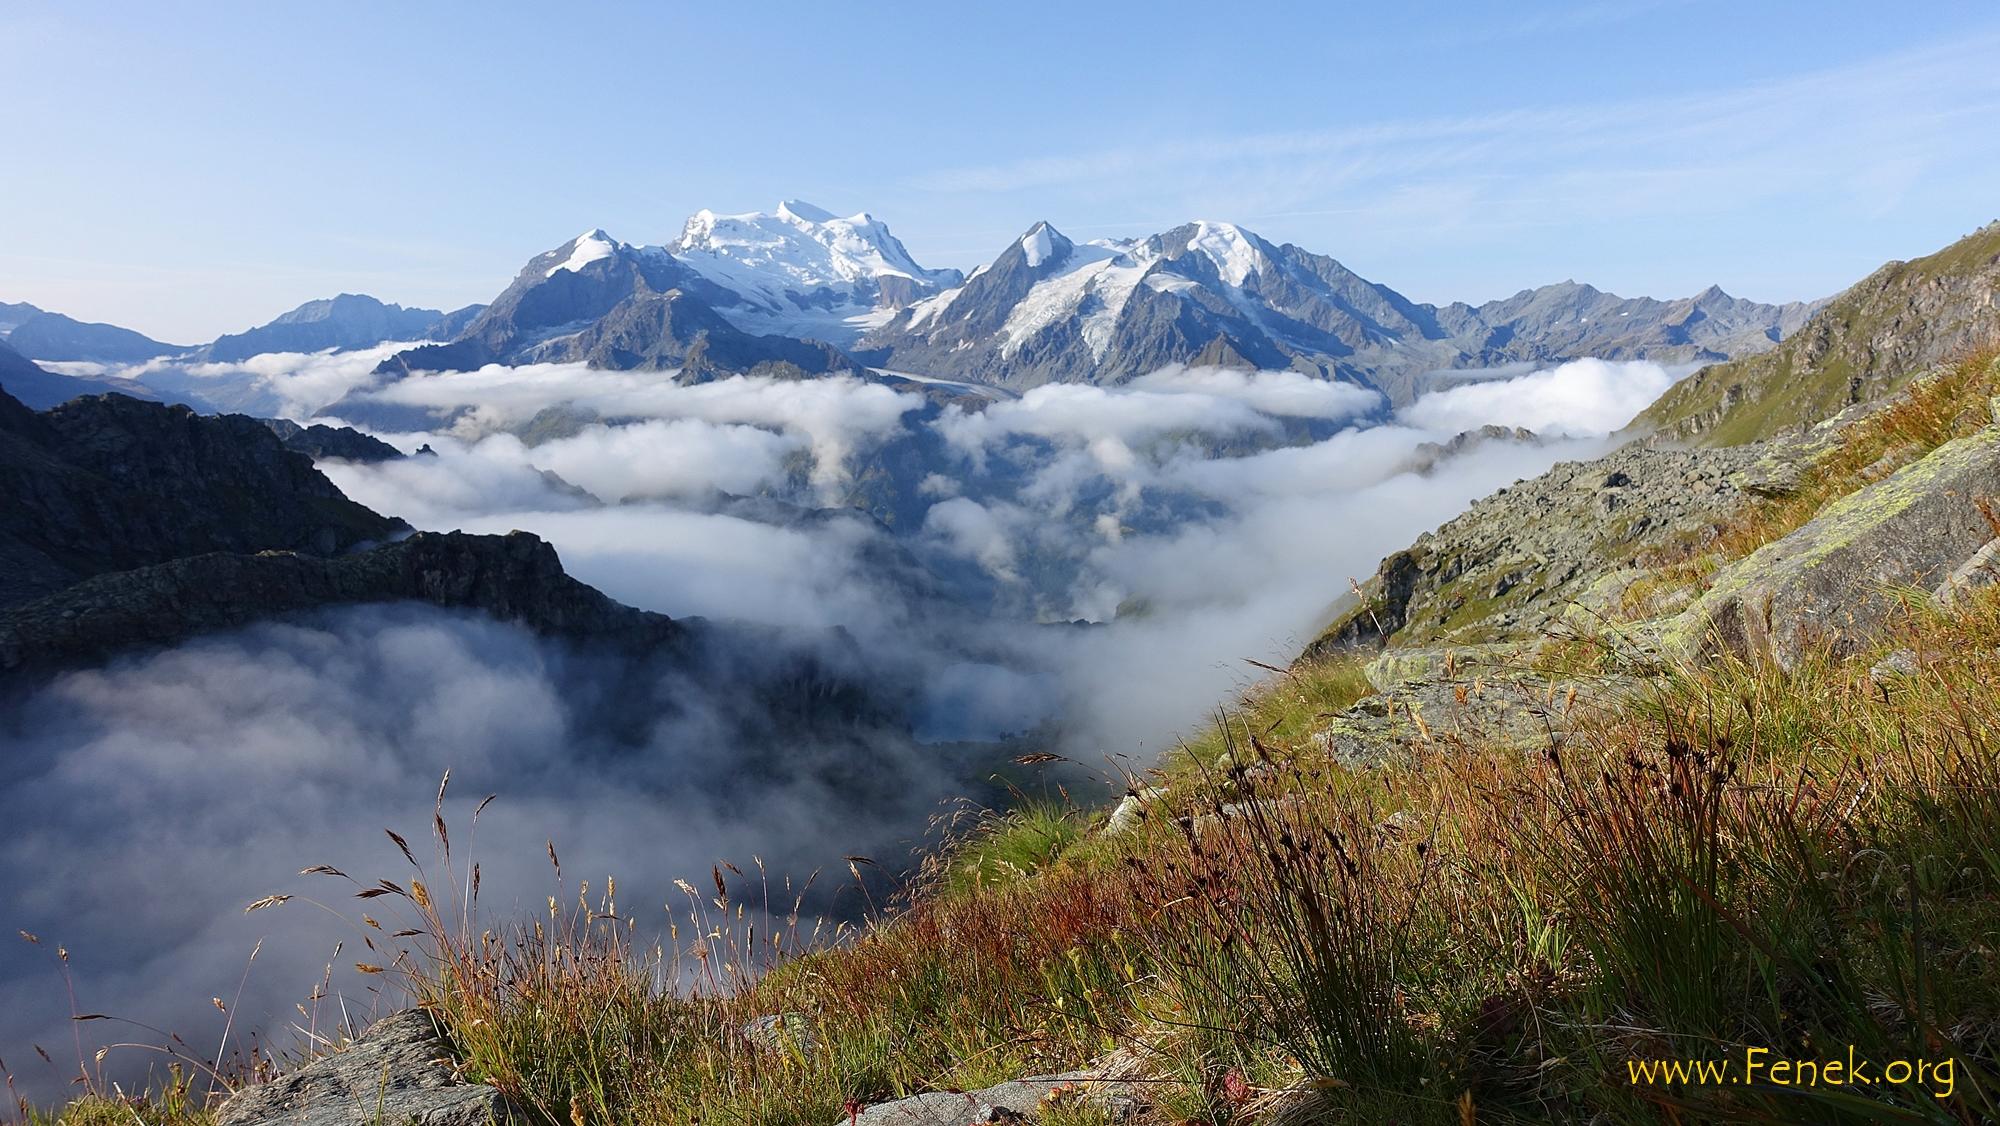 welch ein Anblick!! - Grand Combin und viele weitere Berge